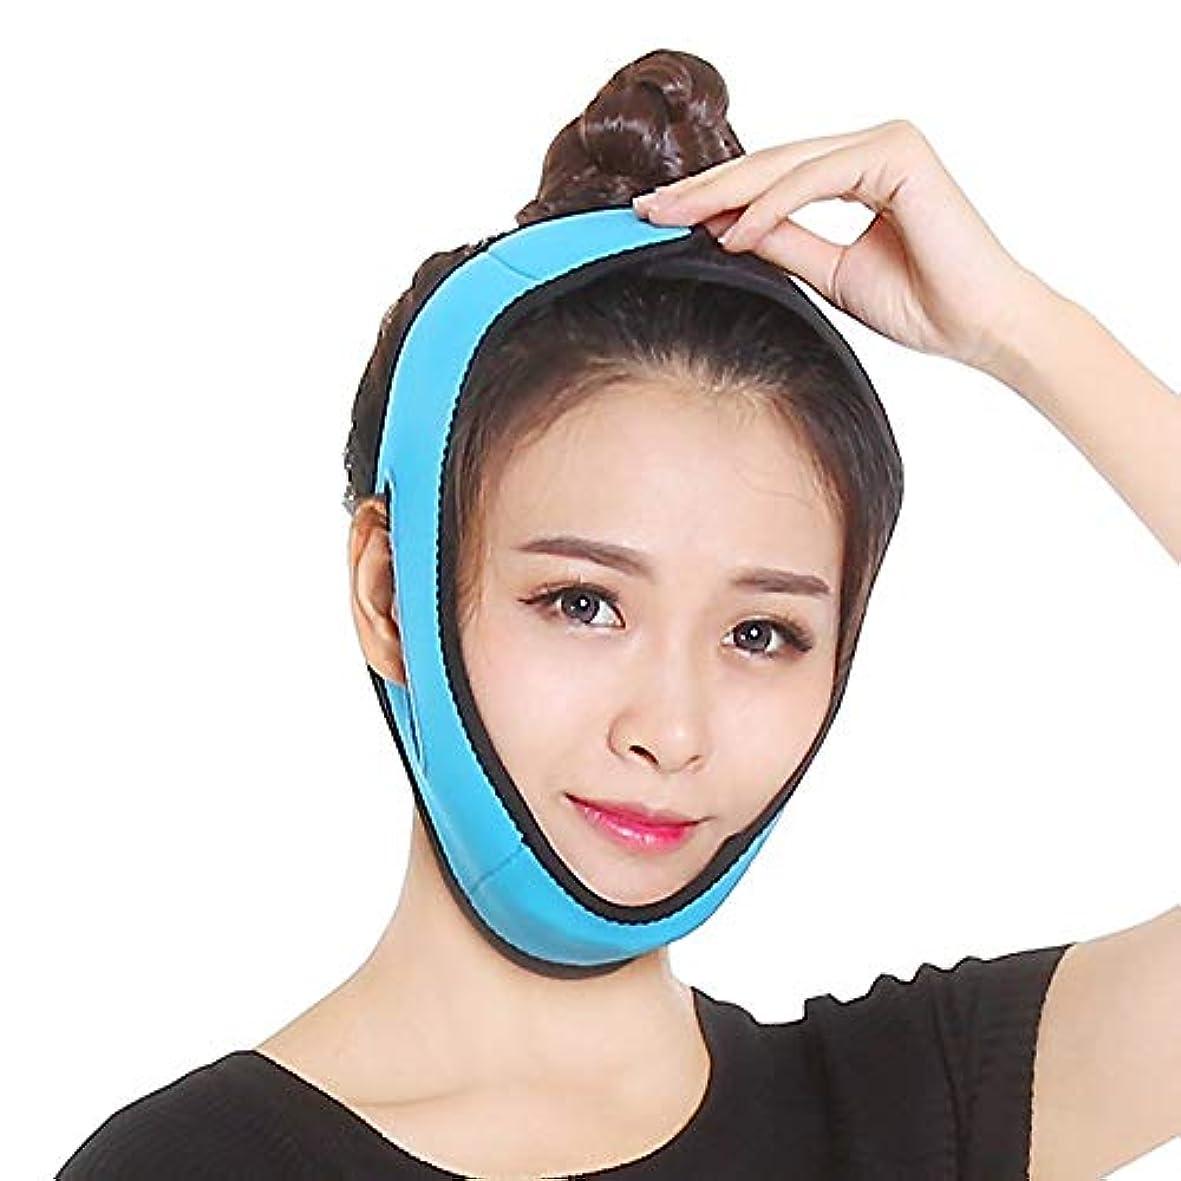 オン旋回わずかにMinmin フェイシャルリフティングスリミングベルト - 薄いフェイス包帯二重あごデバイス無料フェイシャルマッサージ整形マスクを引き締める顔と首の顔スリム みんみんVラインフェイスマスク